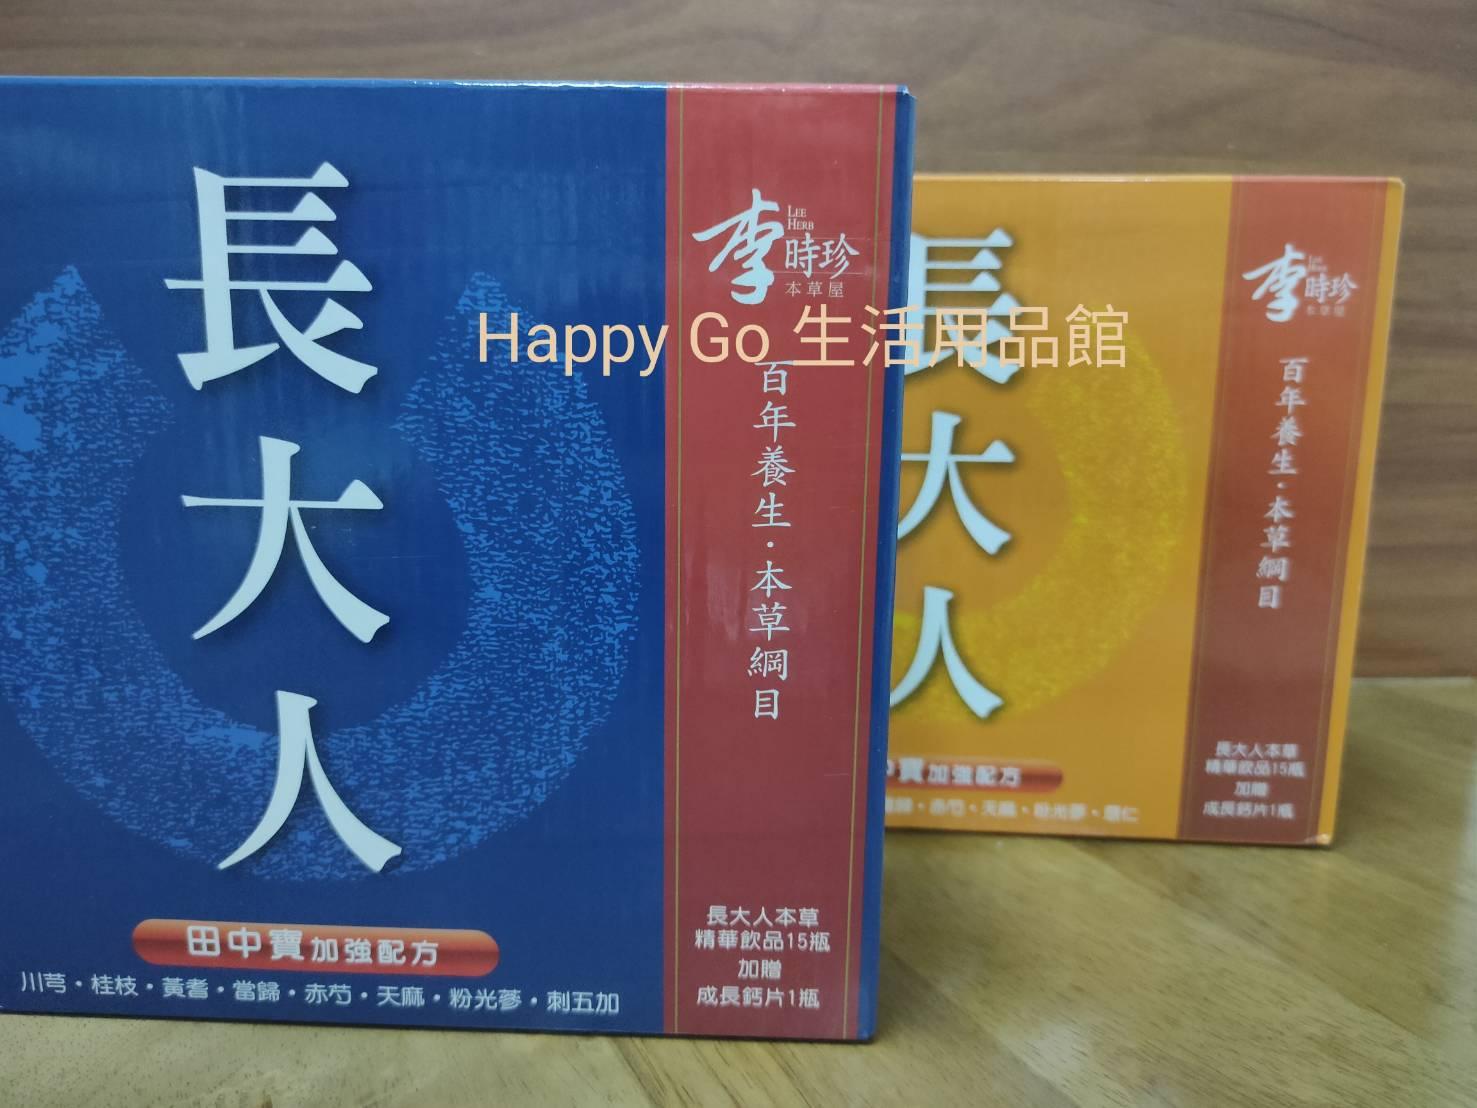 特價~【李時珍】長大人飲品15罐飲品+1瓶錠劑  男生版/盒 特價1380元